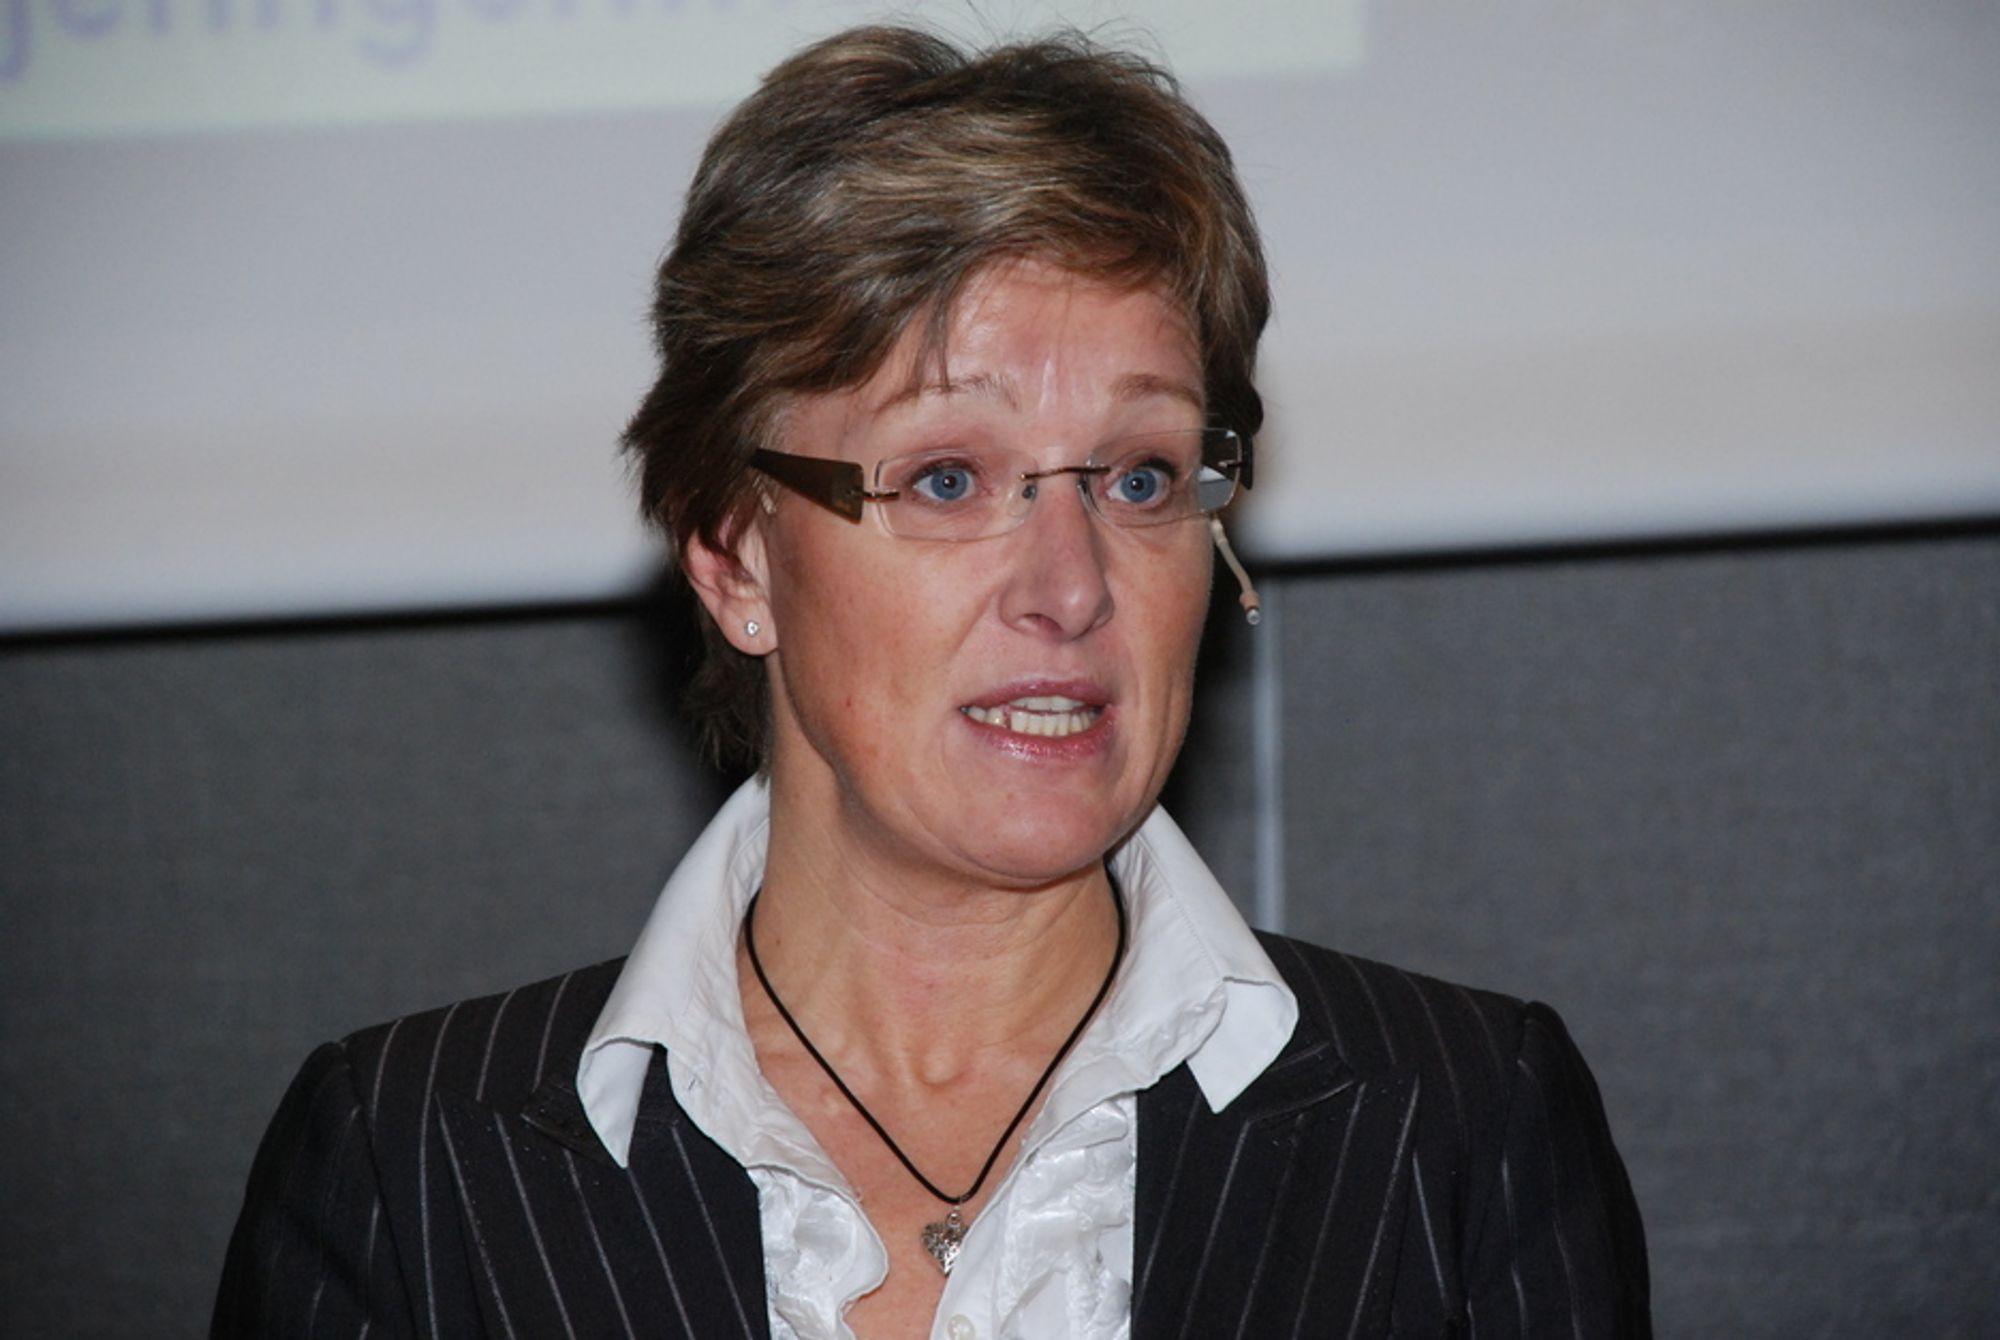 MEST BEKYMRET FOR STRØMNETTET: Statssekretær i OED, Sigrid Hjørnegård (Sp) er mest bekymret for hvordan man skal få bygget nok kraftlinjer til å overføre den nye, fornybare energiproduksjonen.